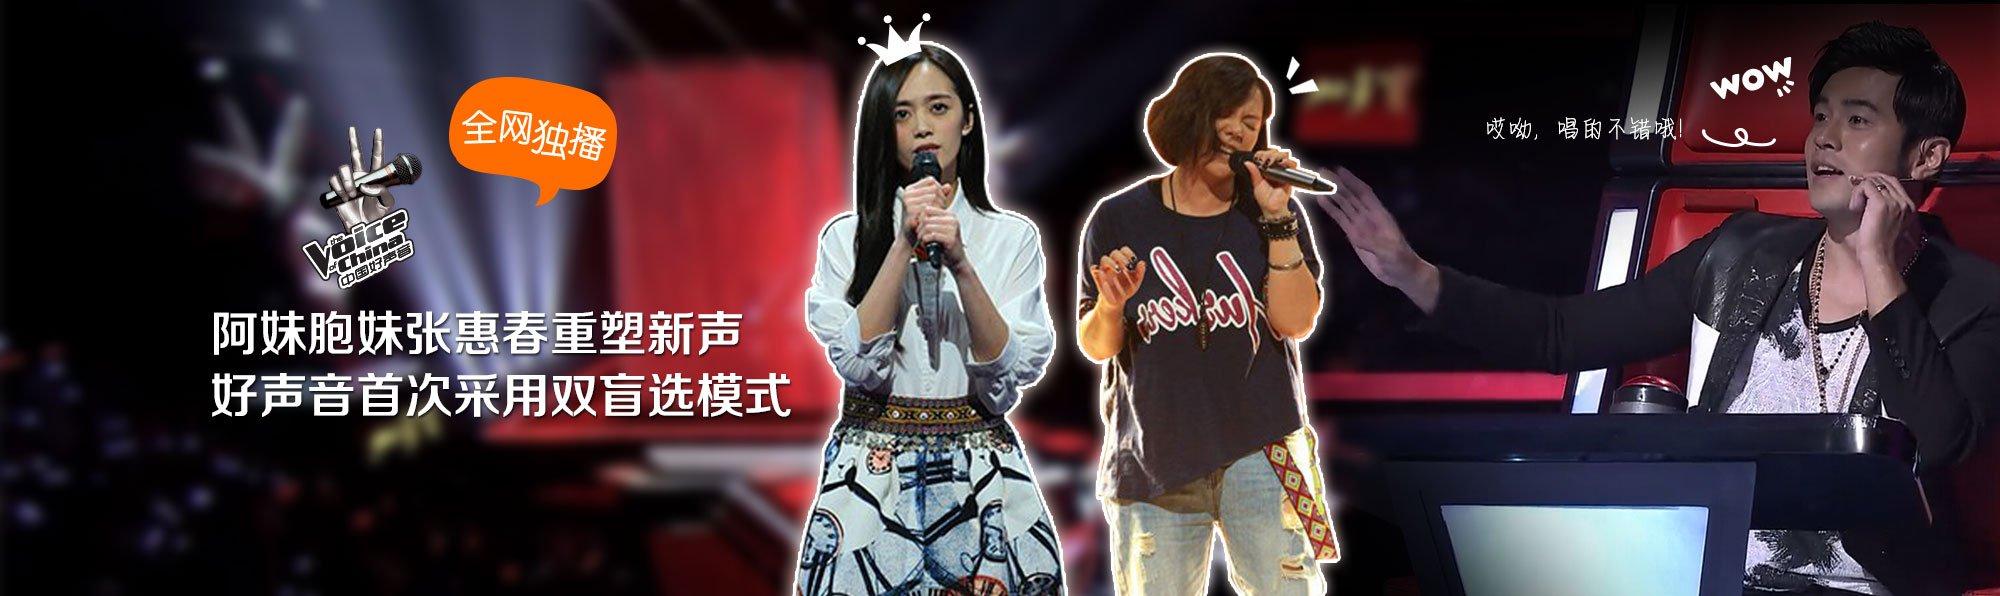 第2期:阿妹胞妹张惠春重塑新声 双盲选模式引导师惊叫